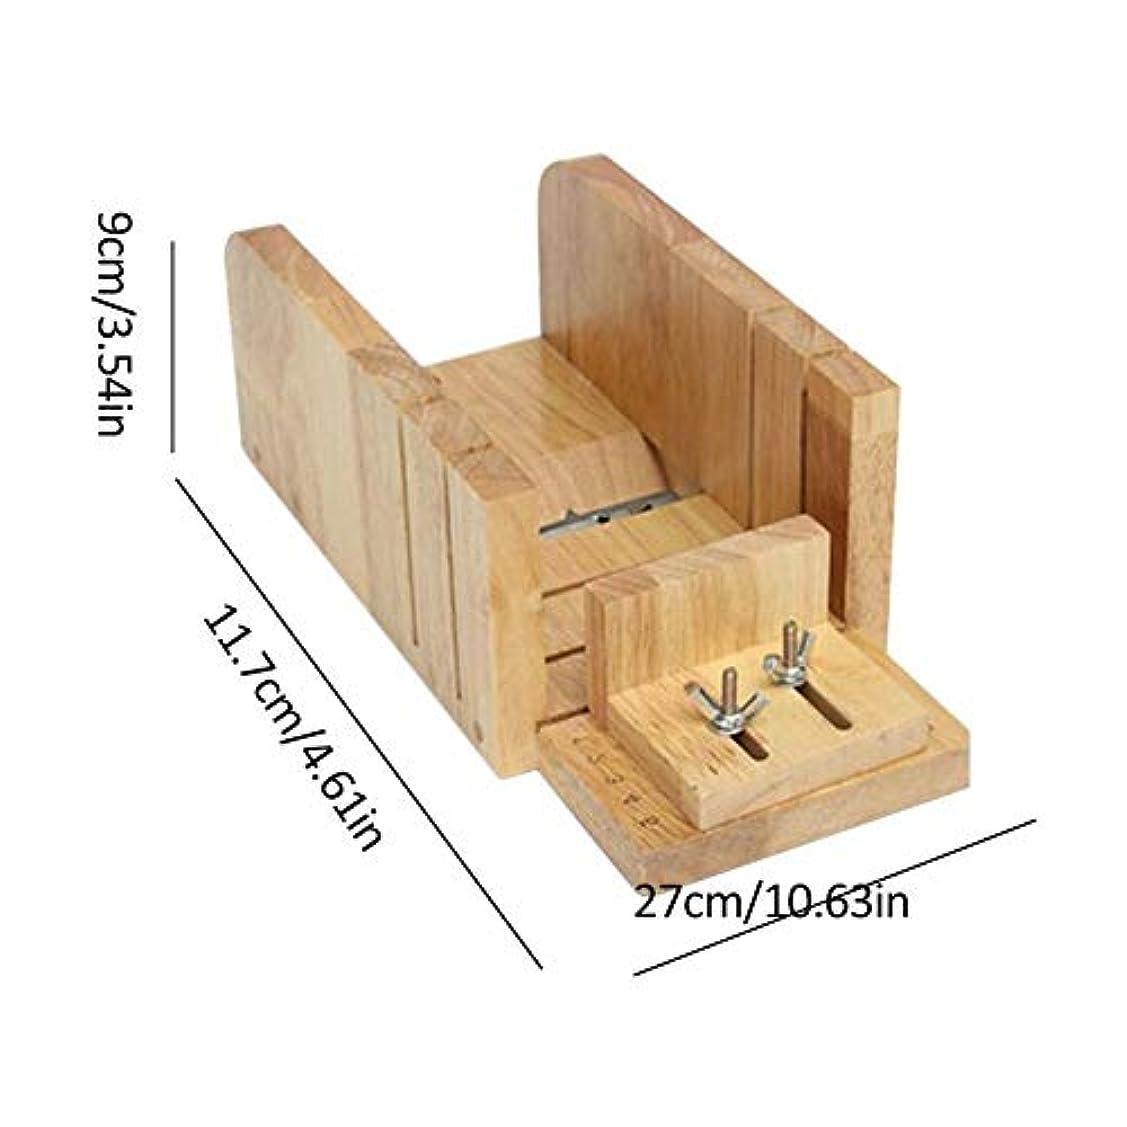 勃起スロープ補充3点セット ソープカッター 石けん金型ソープロープ カッター 木製 カッター ツールDIY 手作り 木製ボックス松木製 ストレートソープ包丁 ナイフ モールドソープ調整可能レトロ